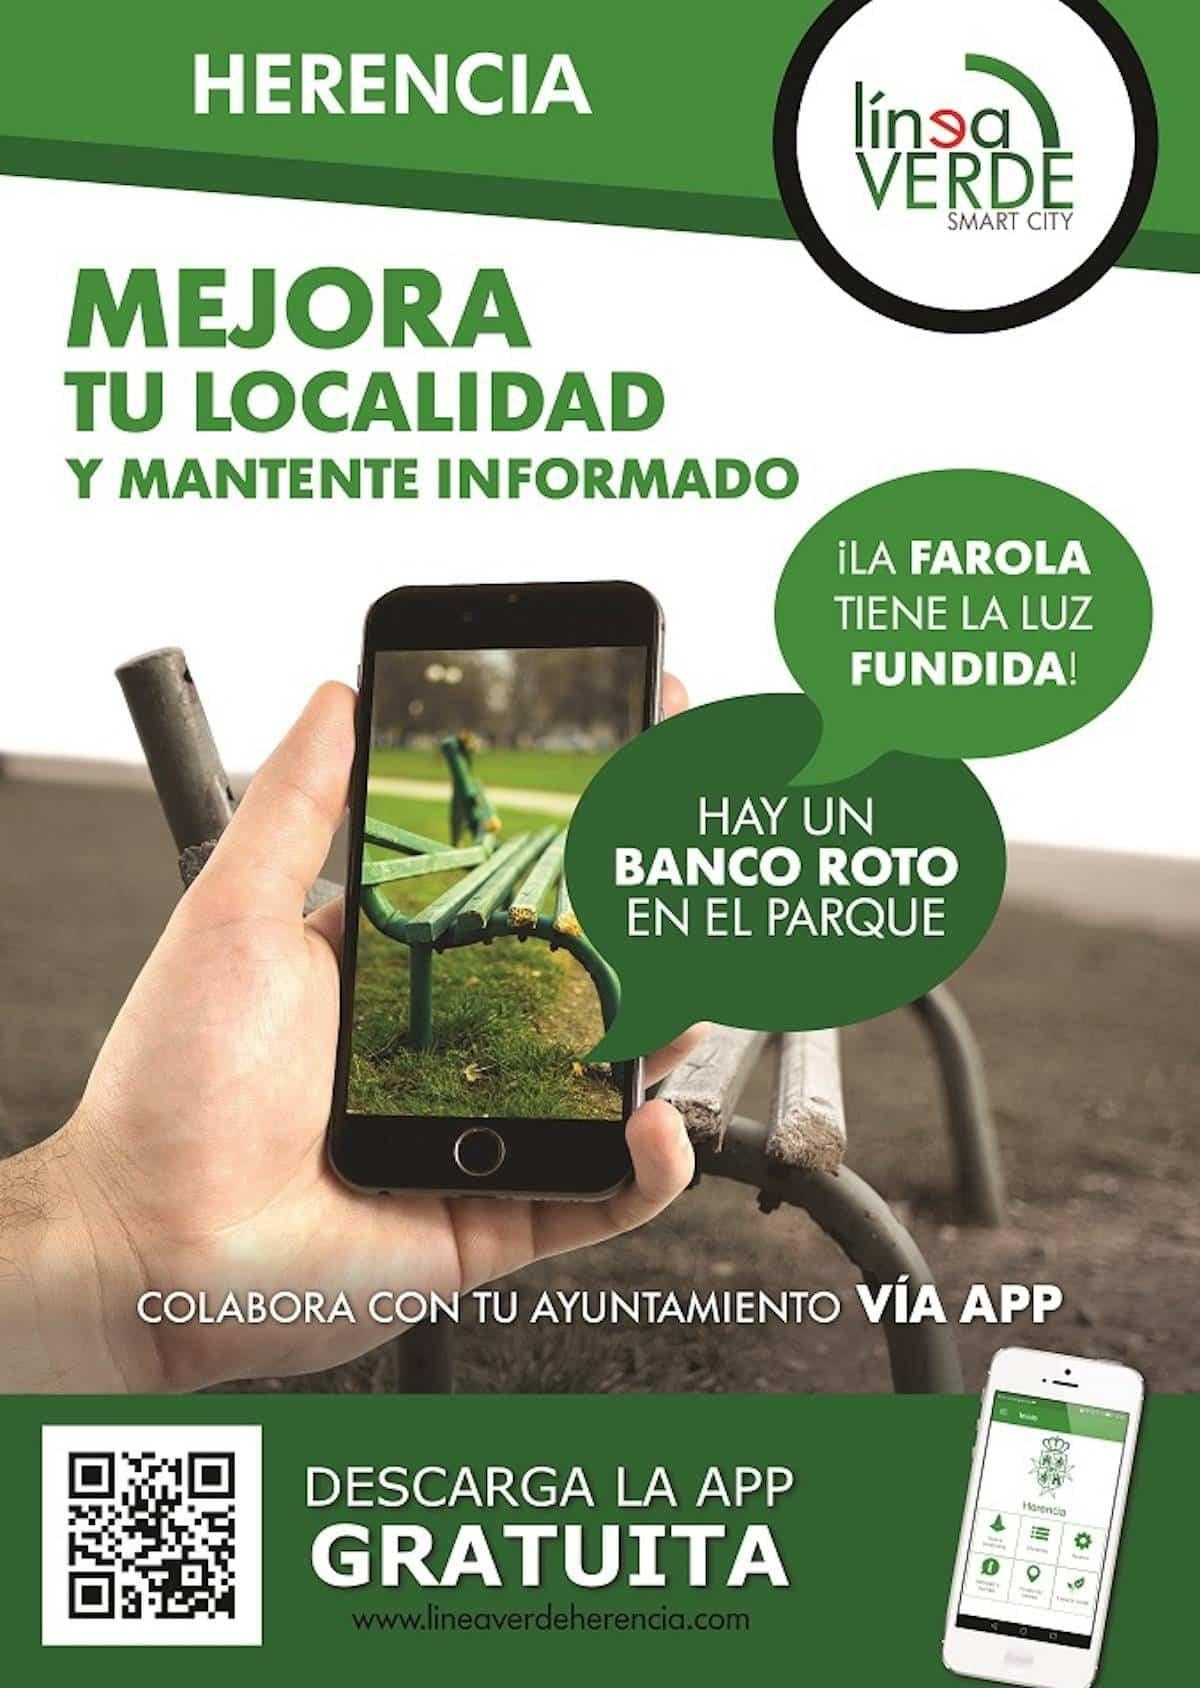 Herencia Incidencias - Balance positivo del funcionamiento del servicio de Línea Verde de Herencia